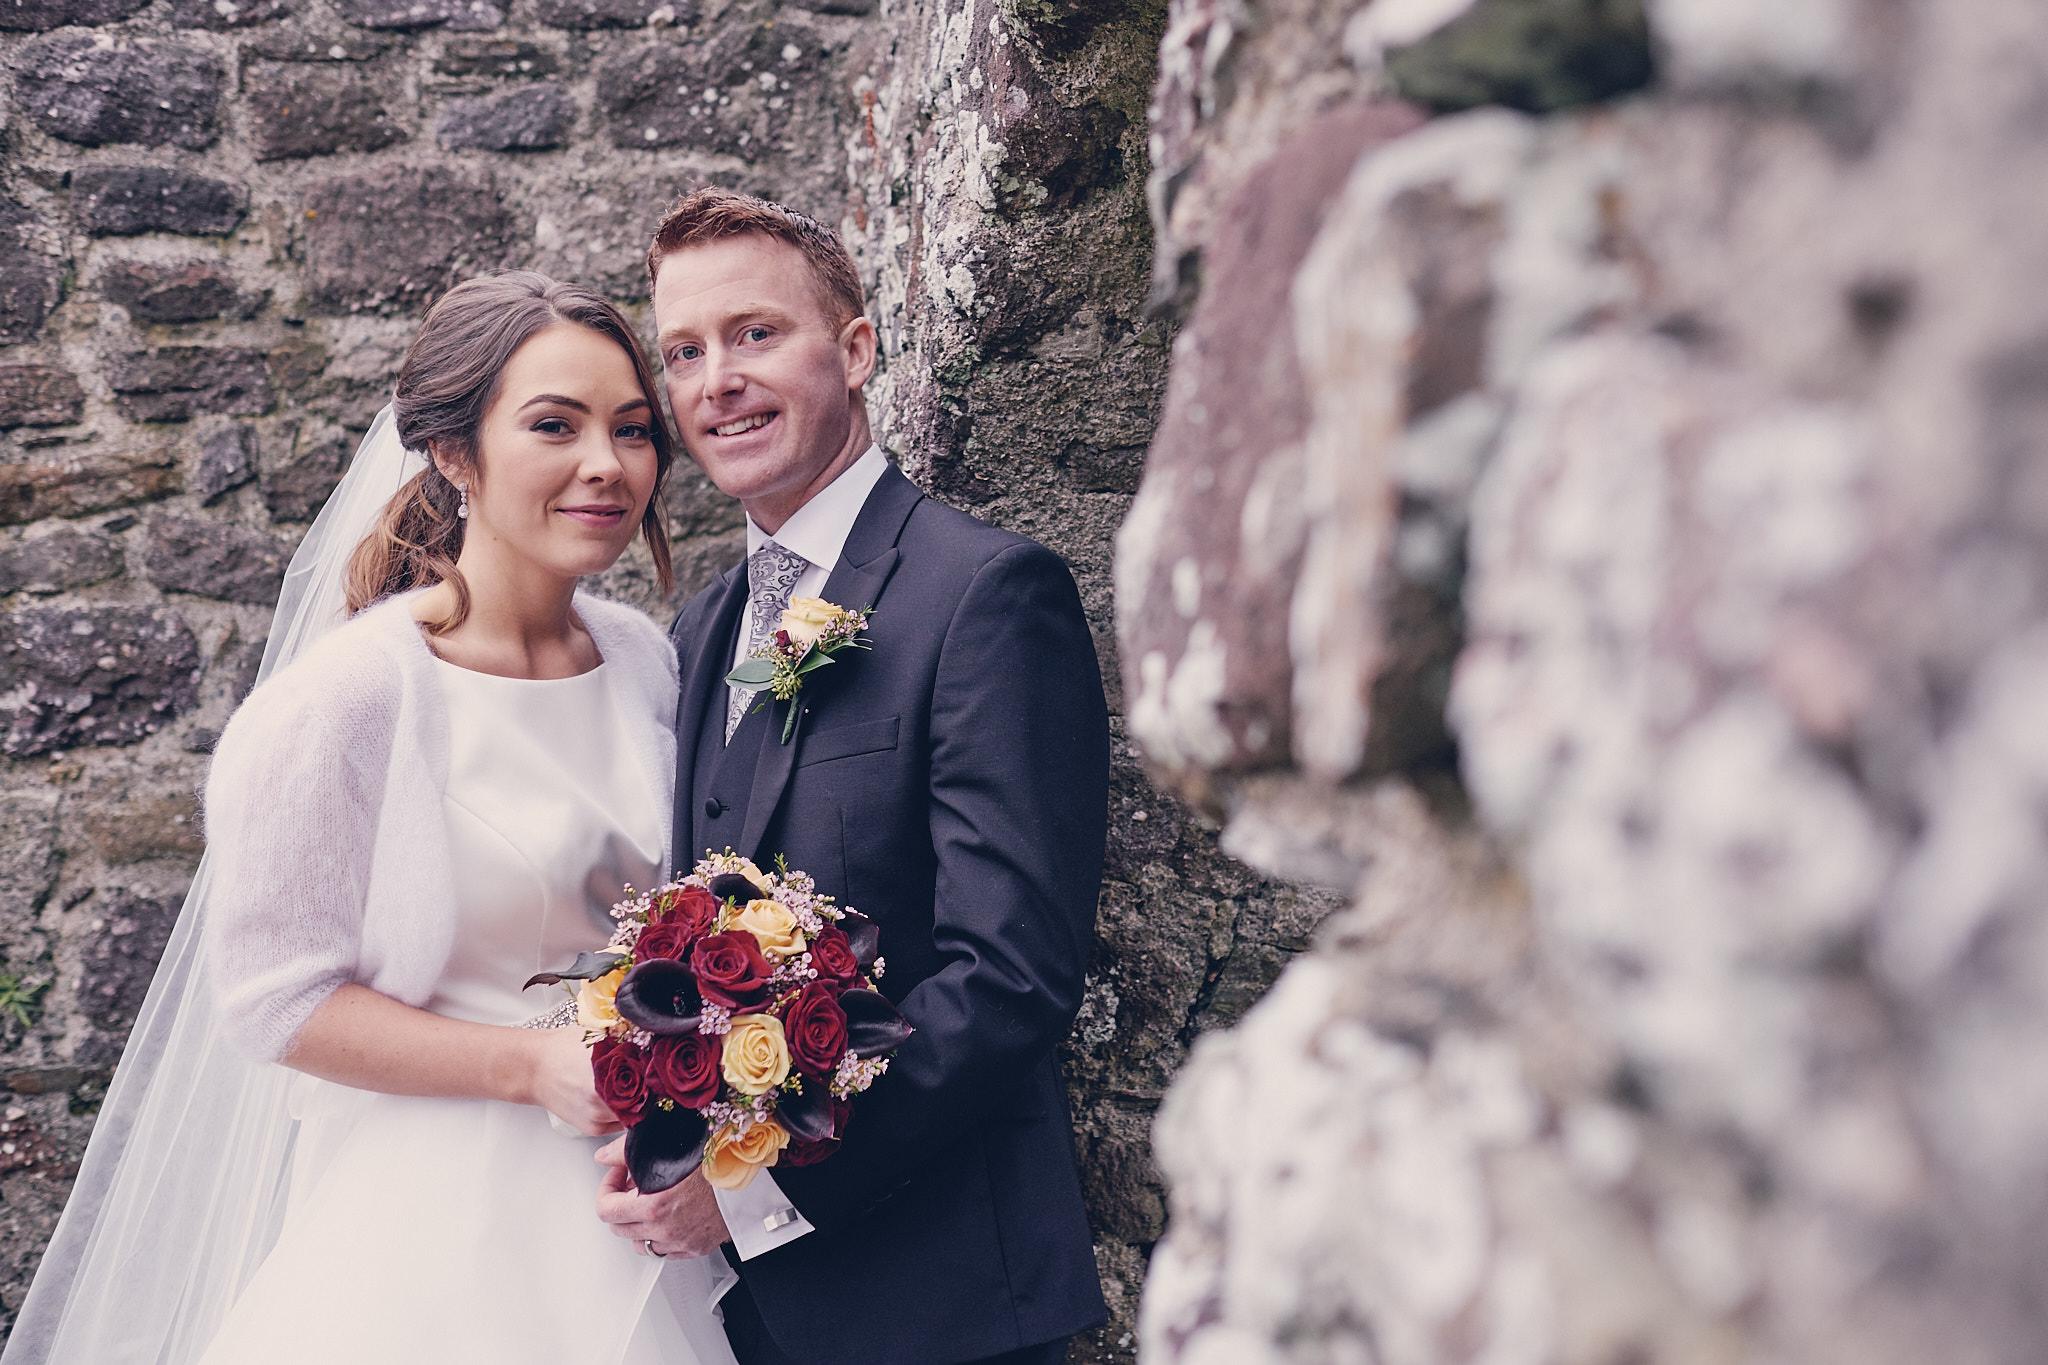 bruidsfotografie-bruifdsfotograaf-ierland-dublin-destination-trouwshoot_56.jpg